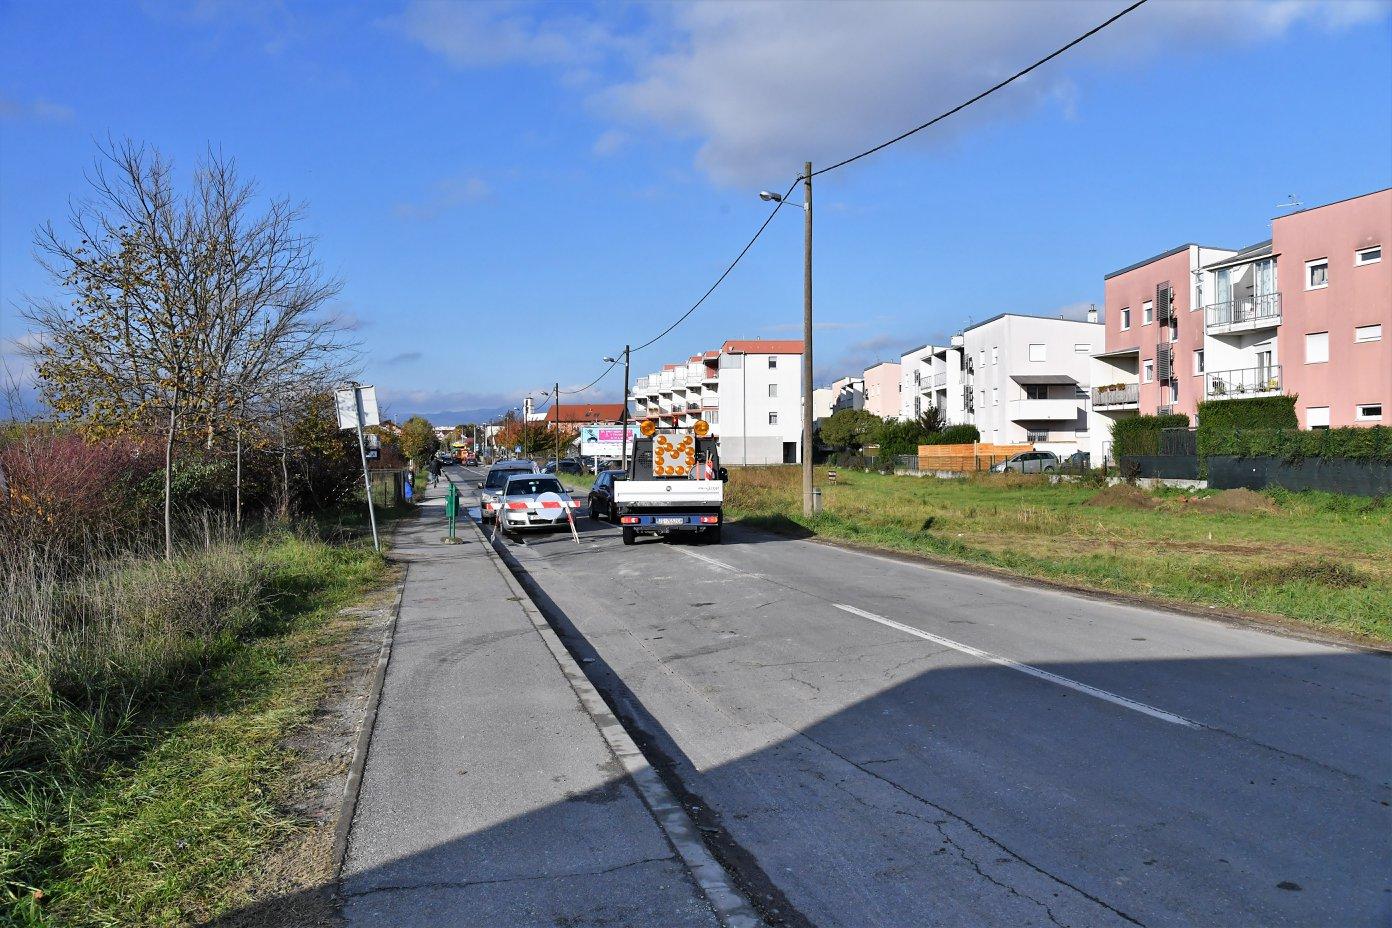 Čulinečka cesta ponovno otvorena za promet – najavljen i skorašnji dovršetak izgradnje kolektora